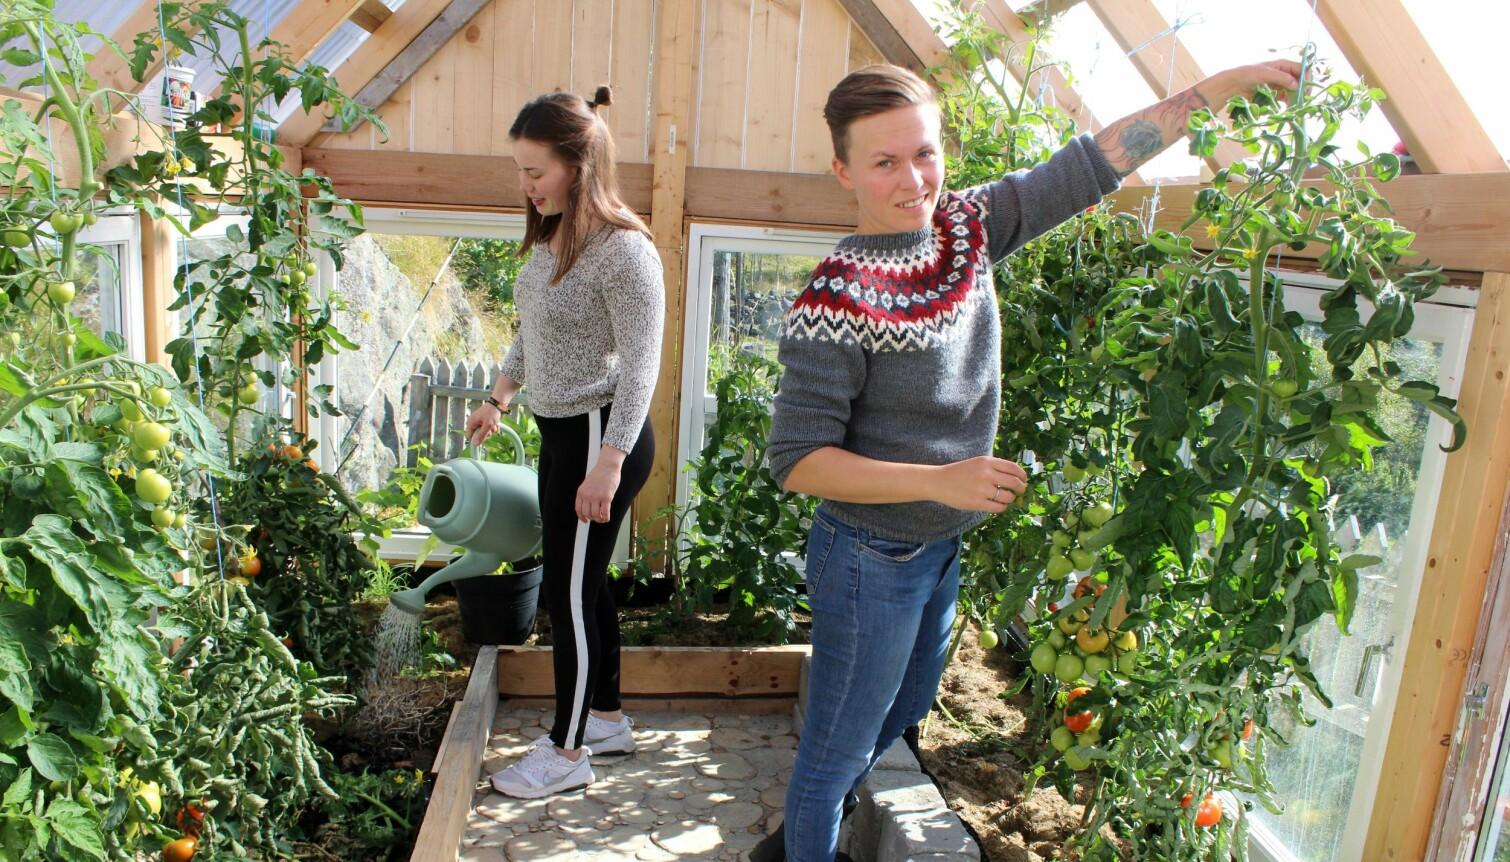 – Vi er opptatt av bærekraft og ønsker å gi noe tilbake og gjøre noe for andre. Da tenker vi at det vil være aktuelt å dyrke mer her, for eksempel bær, sier Solfrid Lerbrekk.